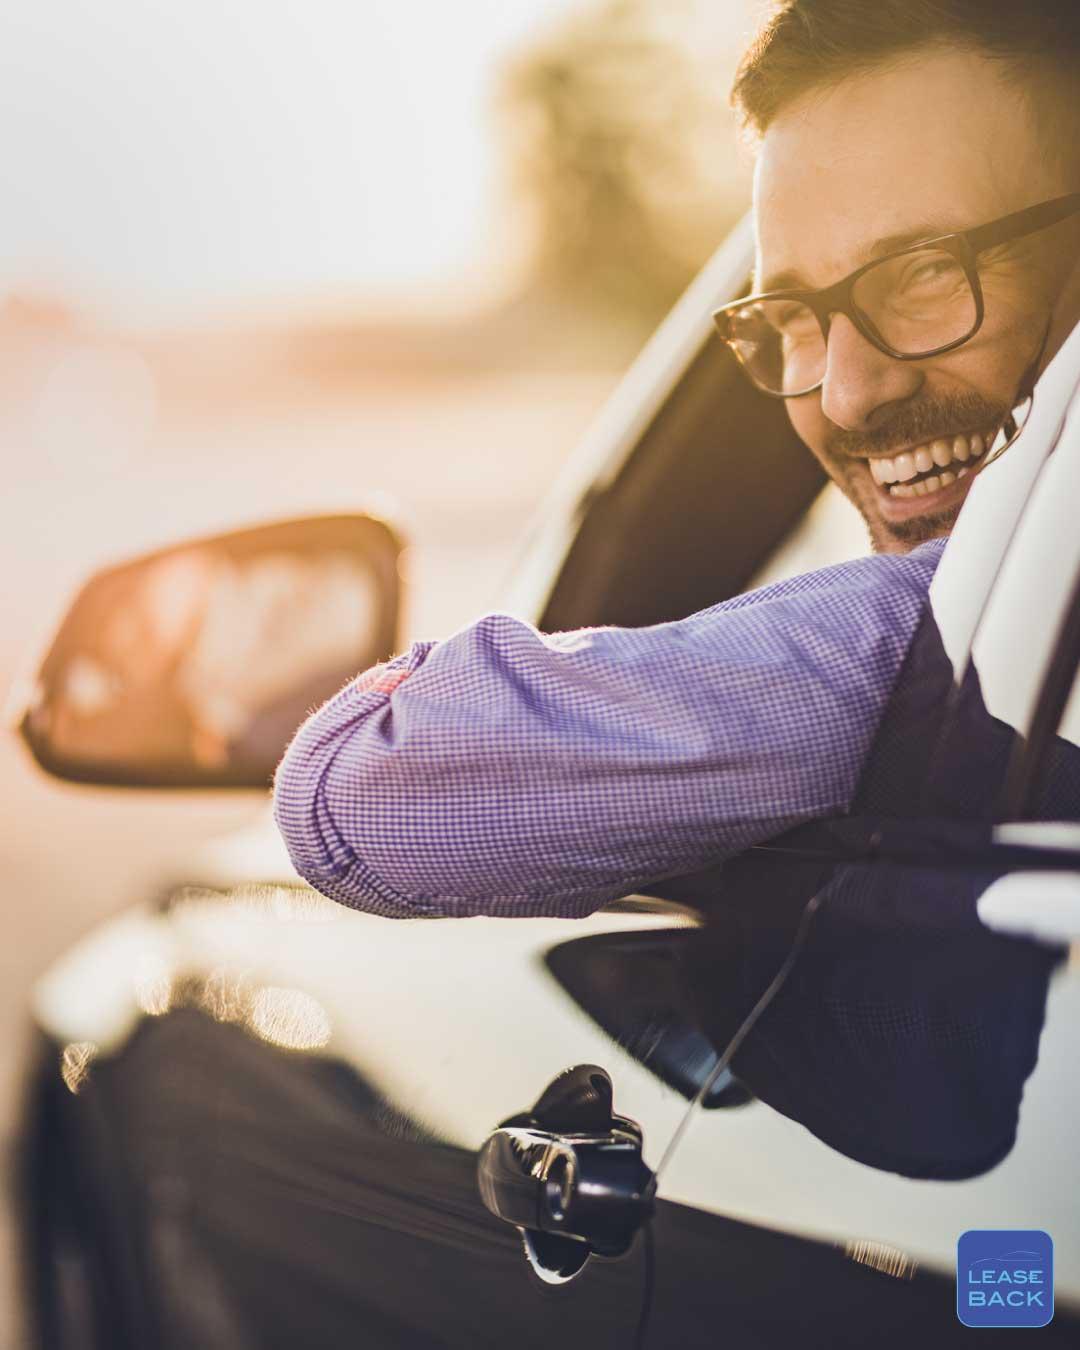 Sale and lease back - Lease back, deze ondernemer least zijn auto slim terug en is blij